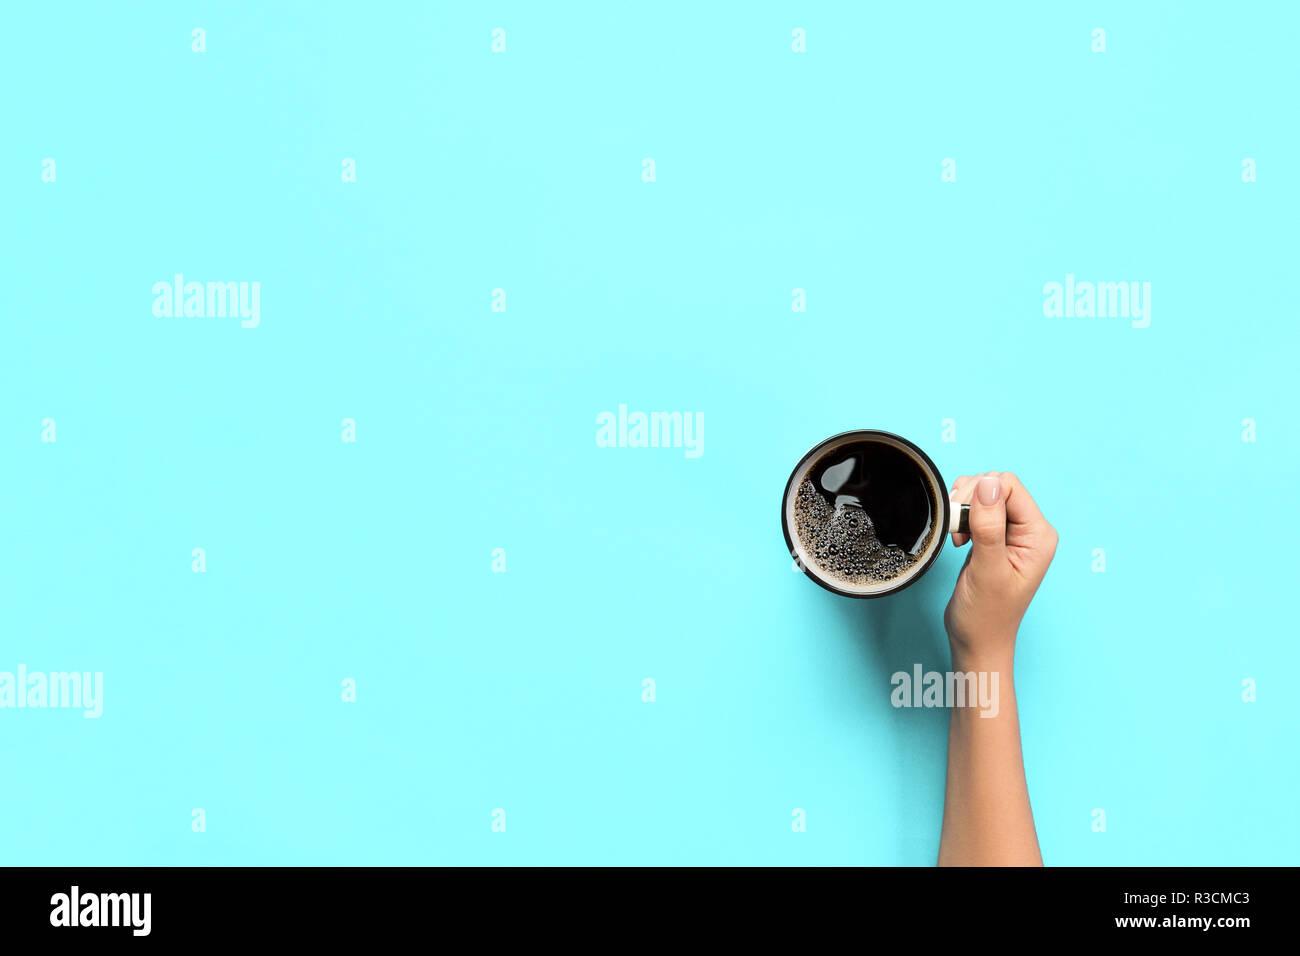 Stile minimalista donna mano che regge una tazza di caffè sul fondo. Appartamento laico, vista dall'alto. Immagini Stock